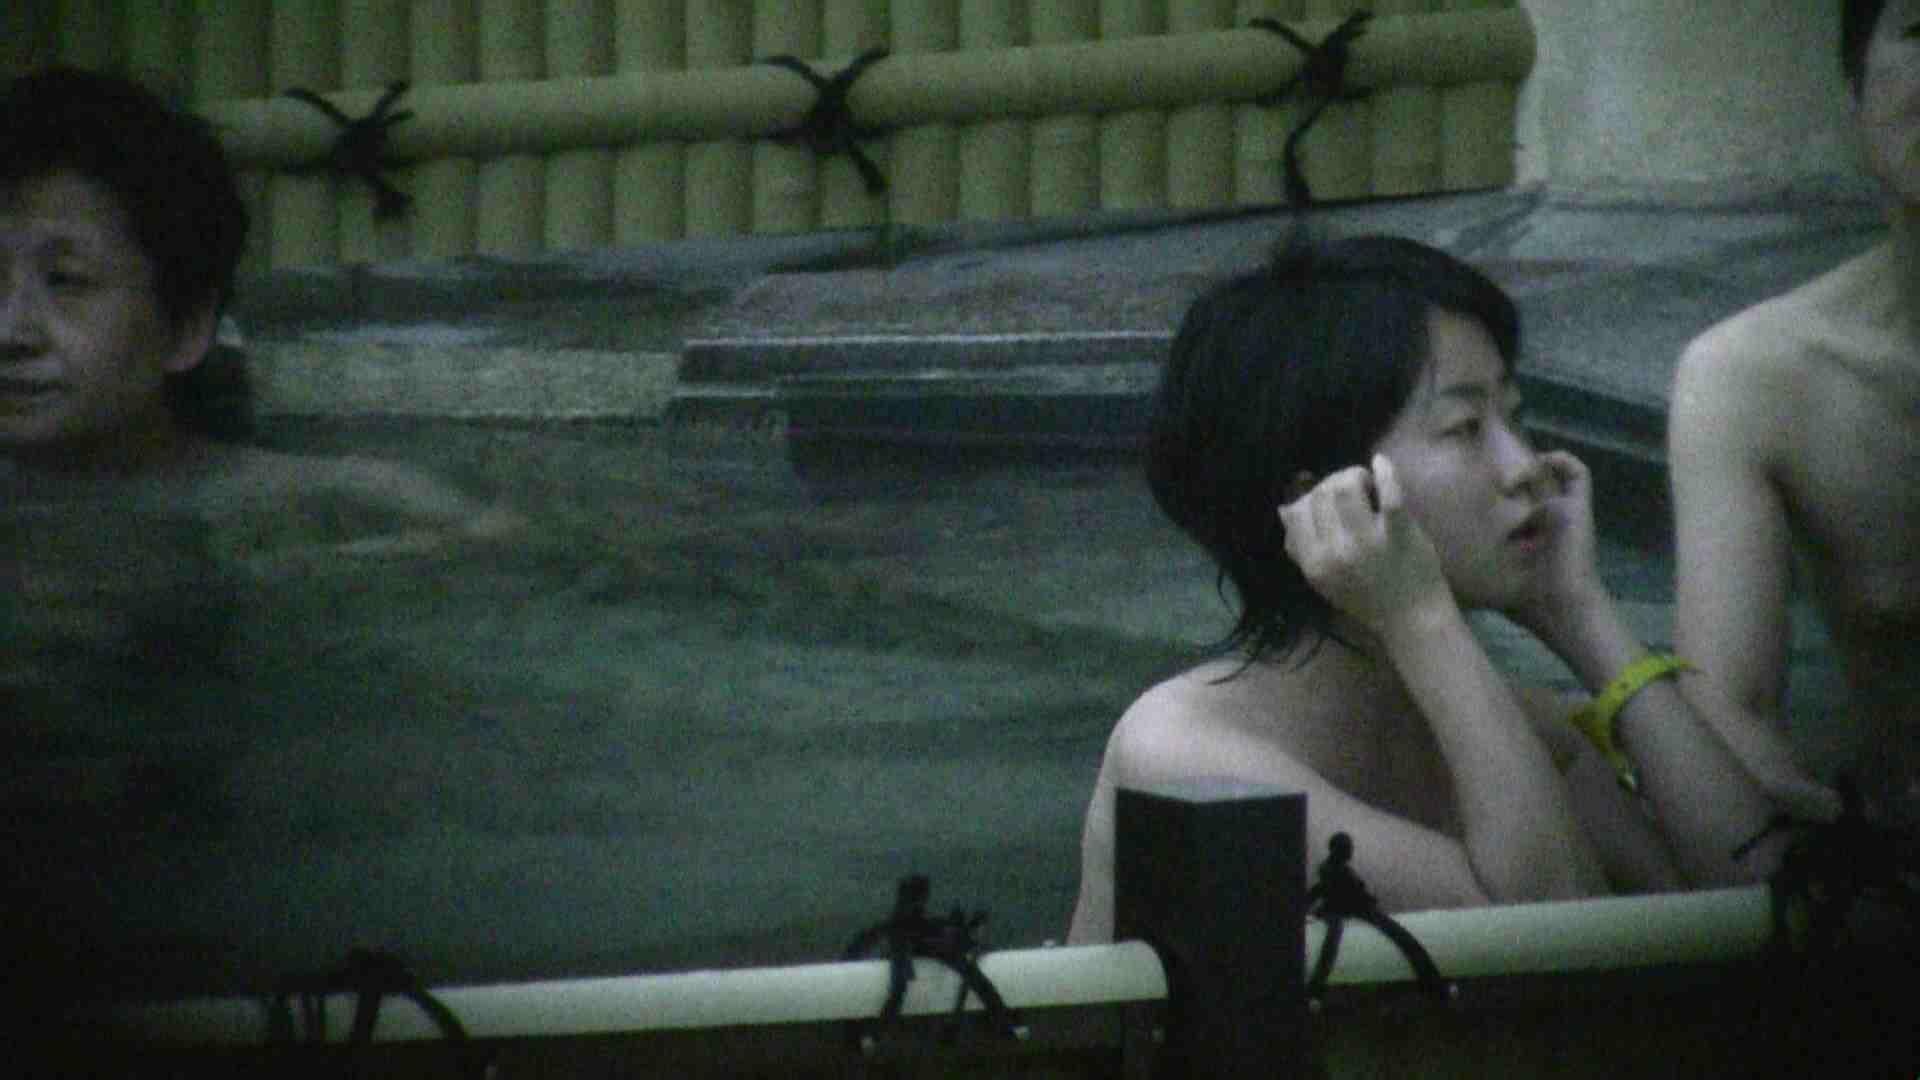 Aquaな露天風呂Vol.112 盗撮シリーズ  93PIX 56